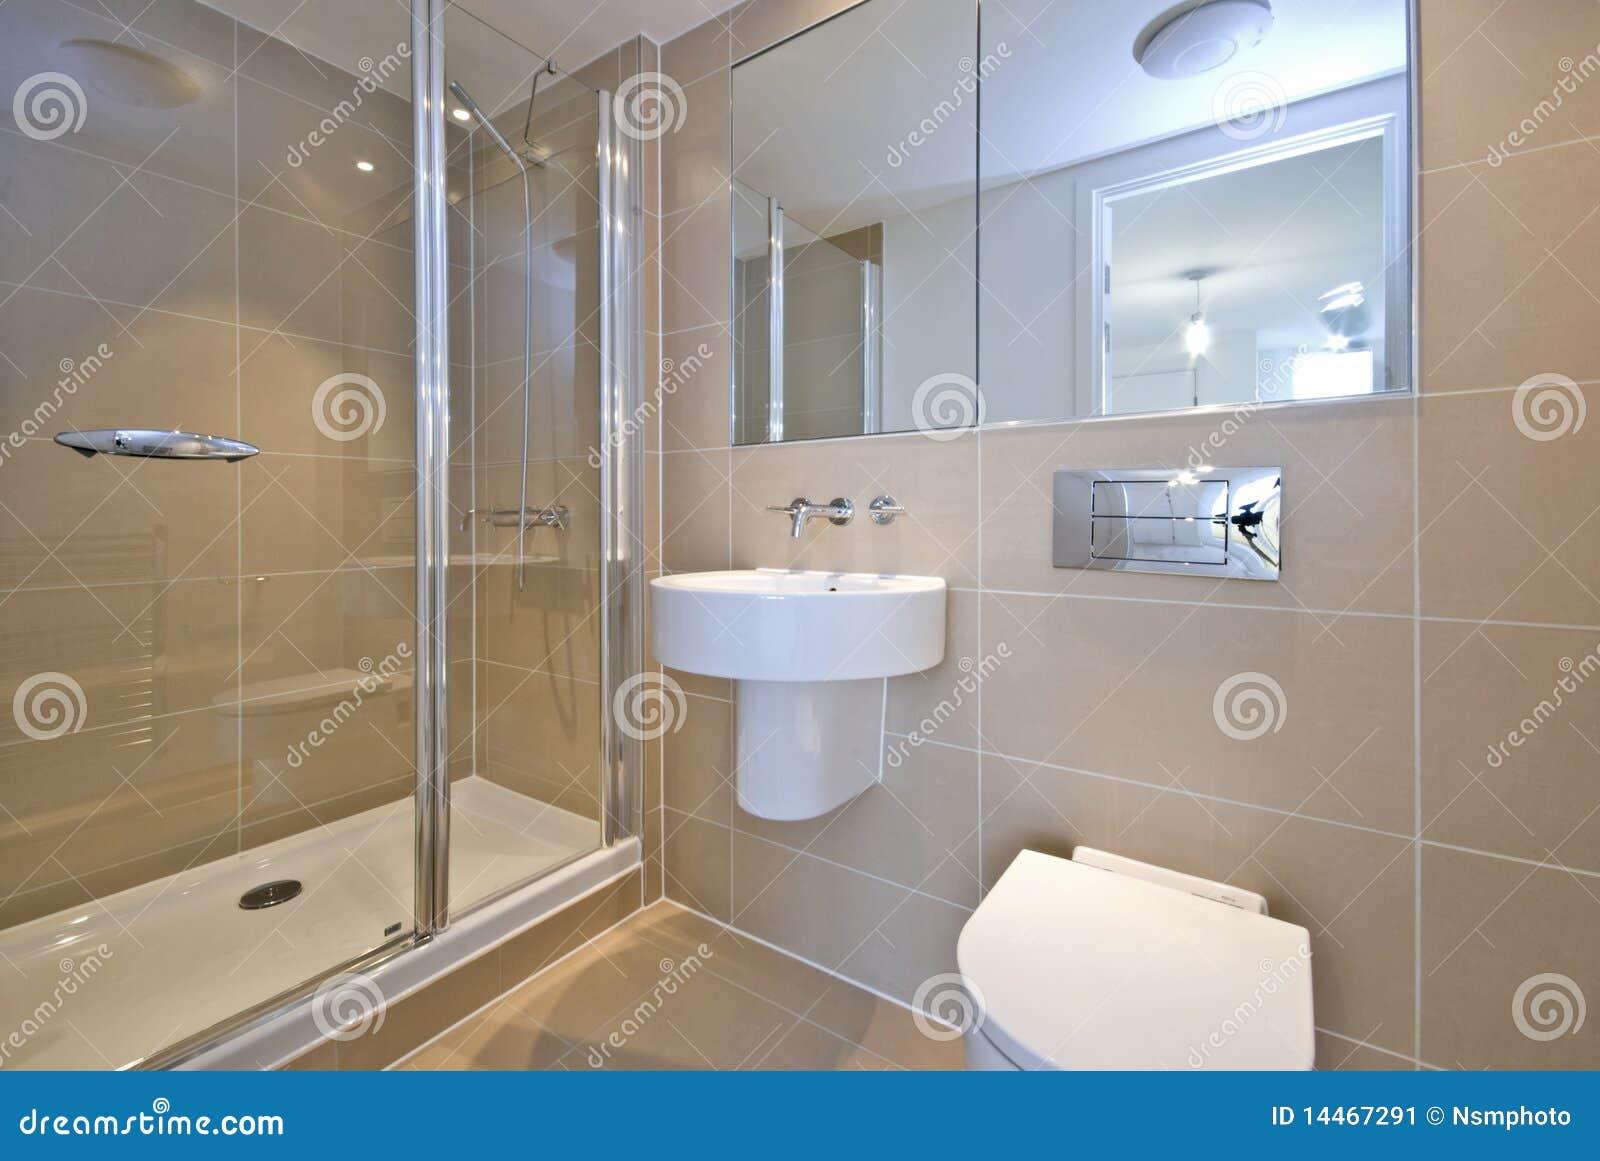 Salle De Bains Moderne D 39 En Suite Avec La Douche Image Stock Image 14467291